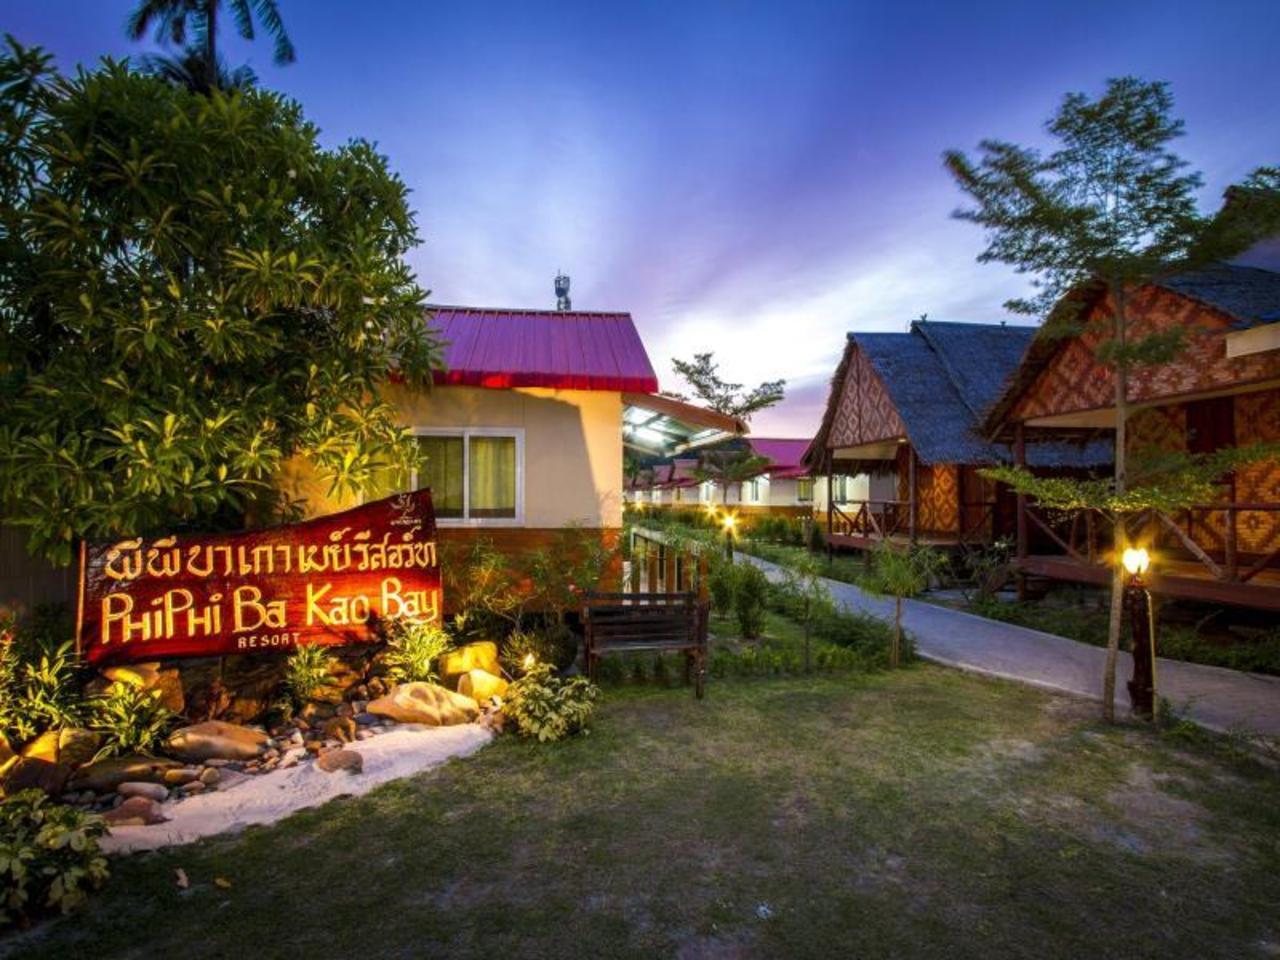 พีพี บาเกาเบย์ รีสอร์ต (Phi Phi Ba Kao Bay Resort)